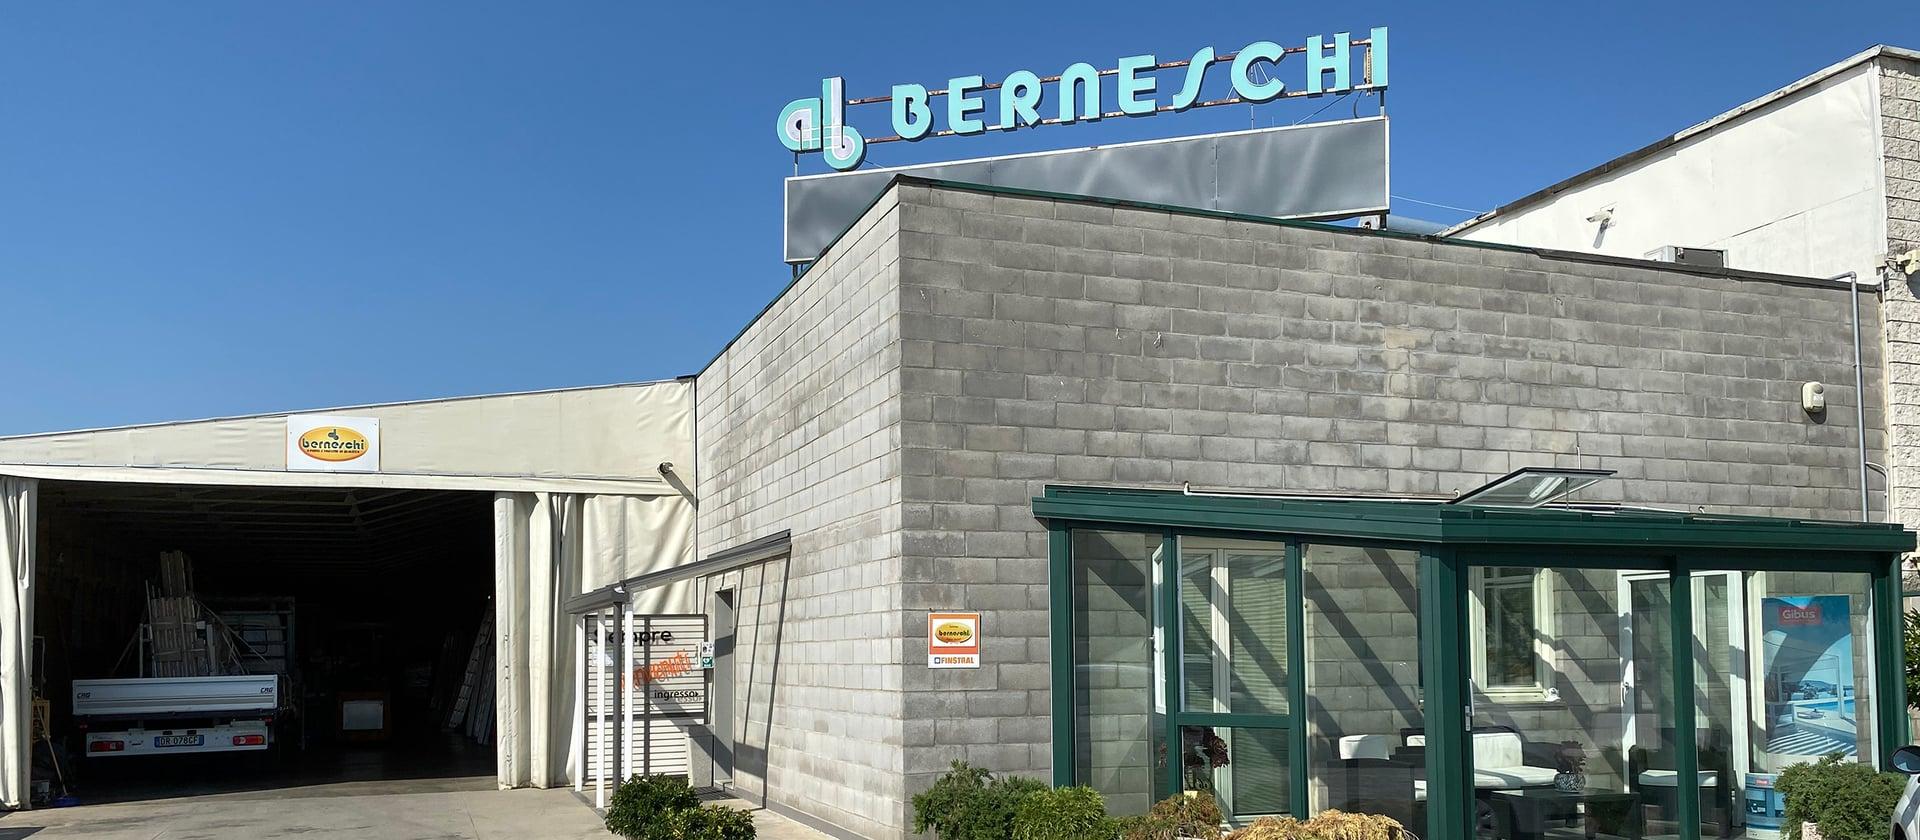 Berneschi